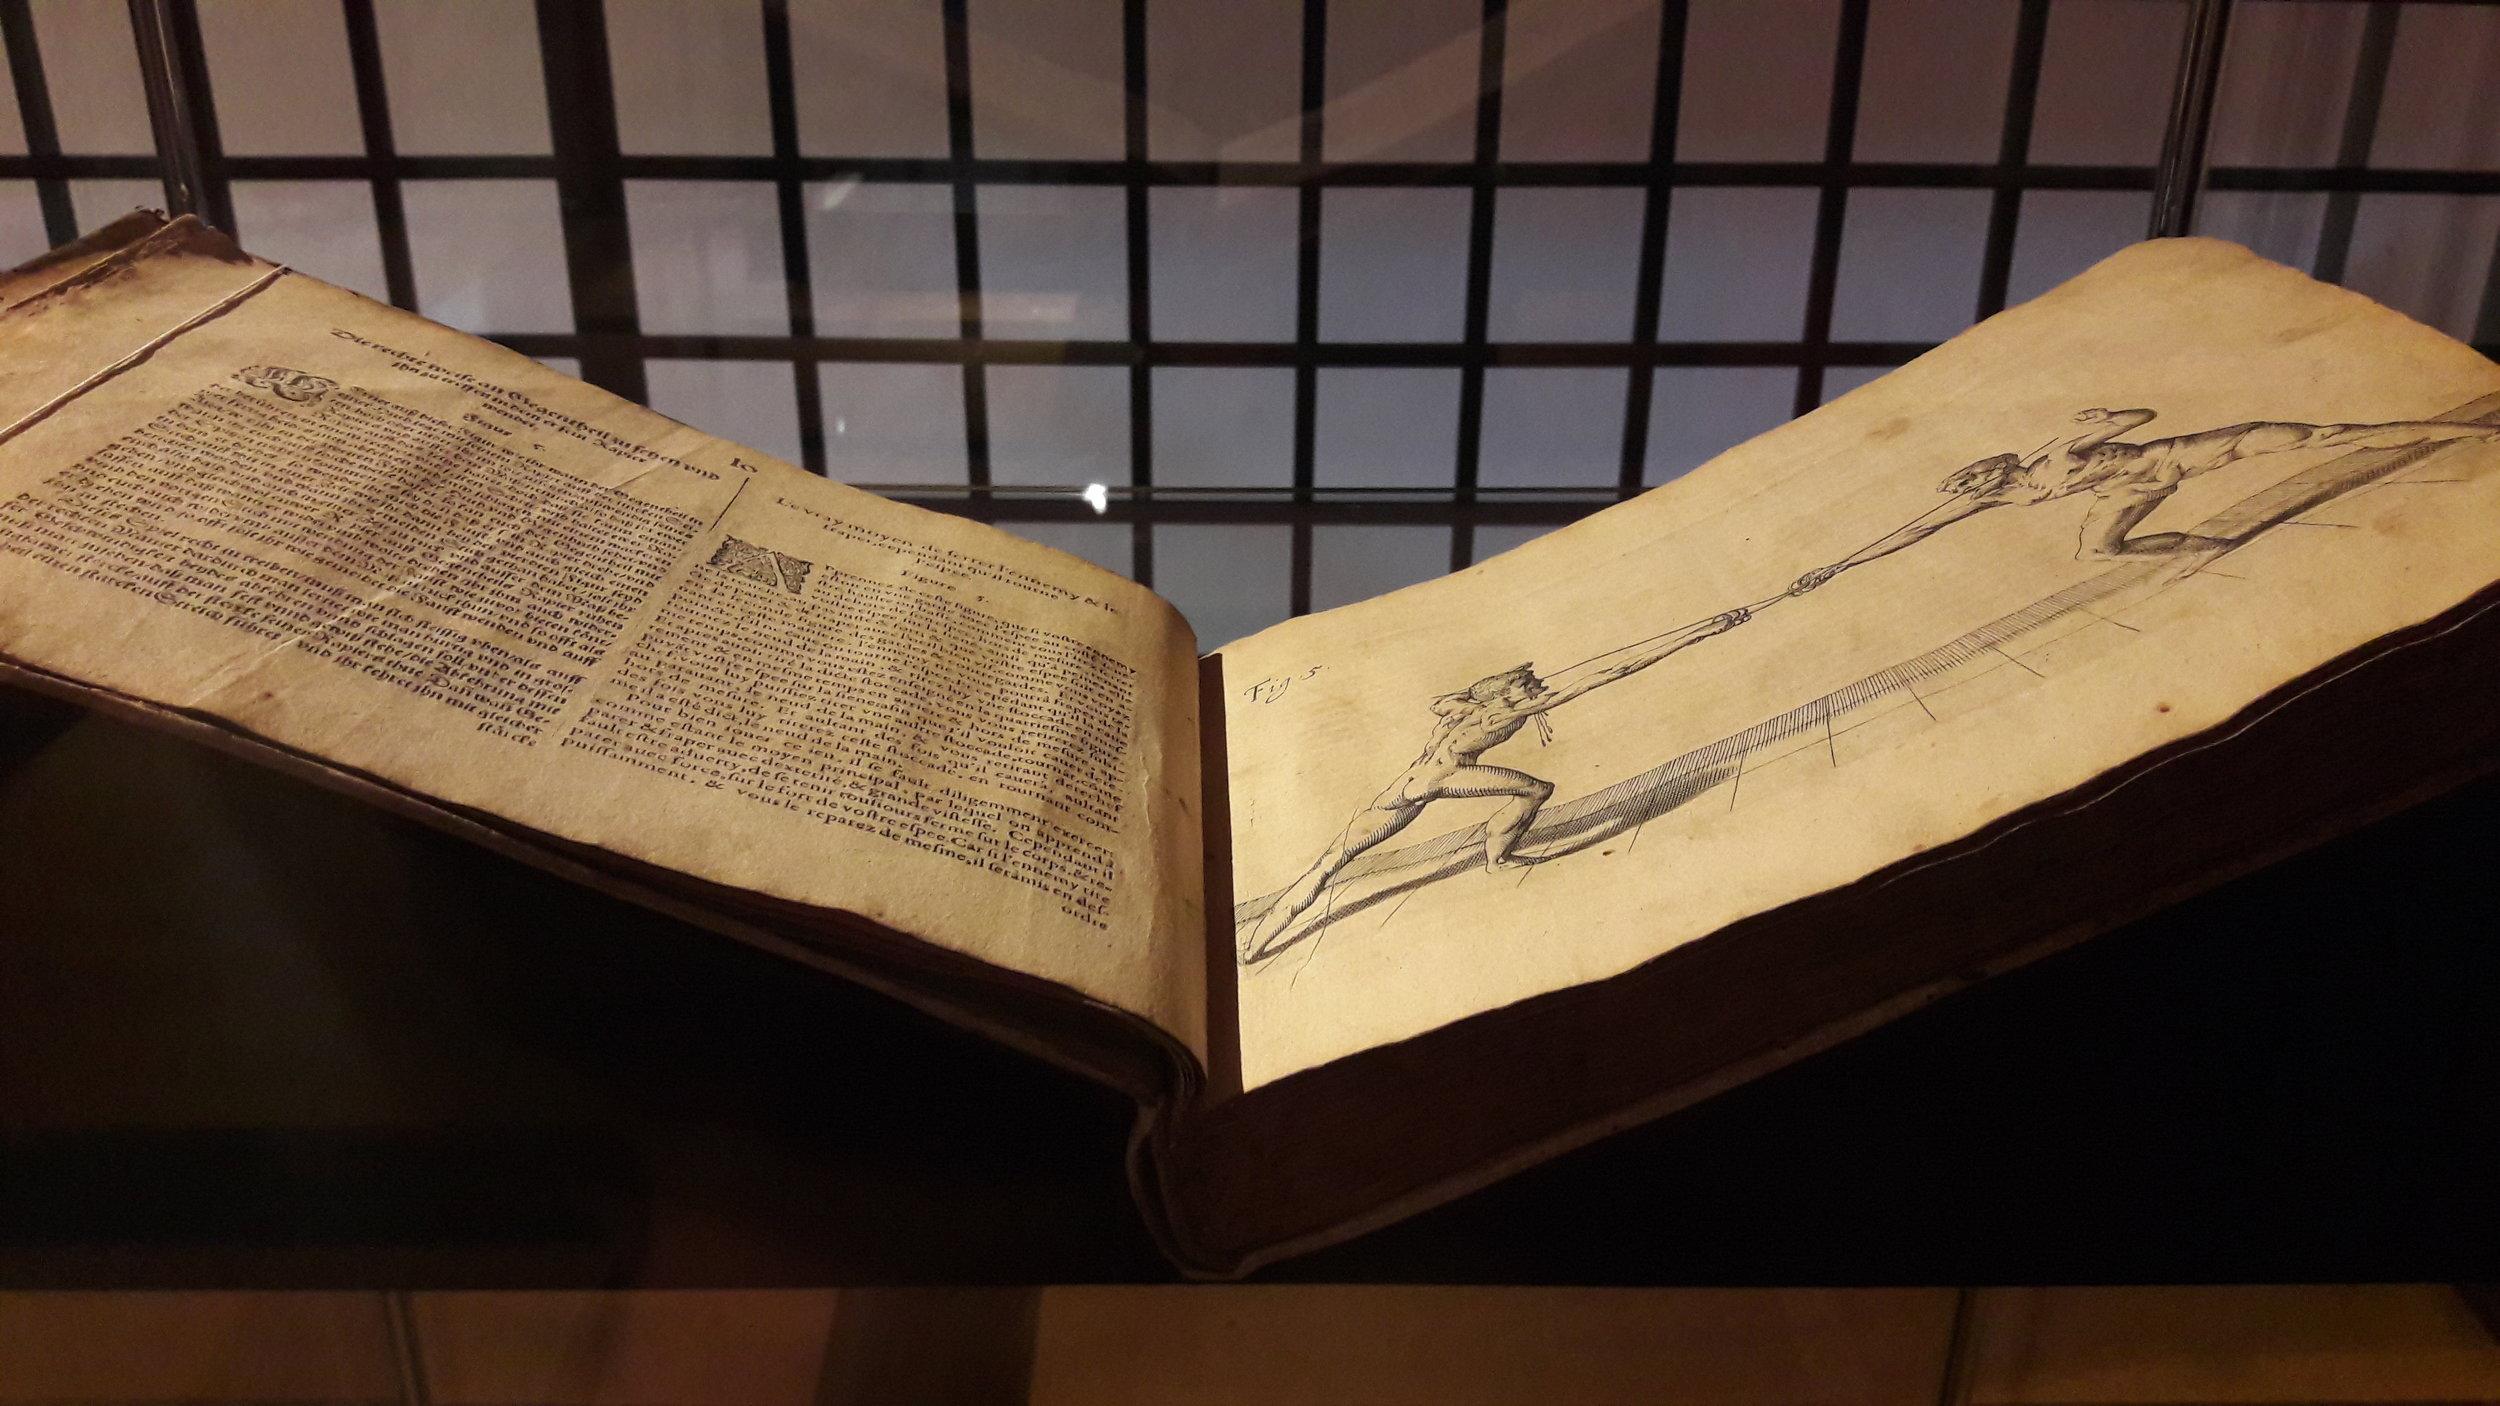 Nicoletto Giganti, Das II. Buch Der Fecht-Kunst, Frankfuhrt am Main, 1644.